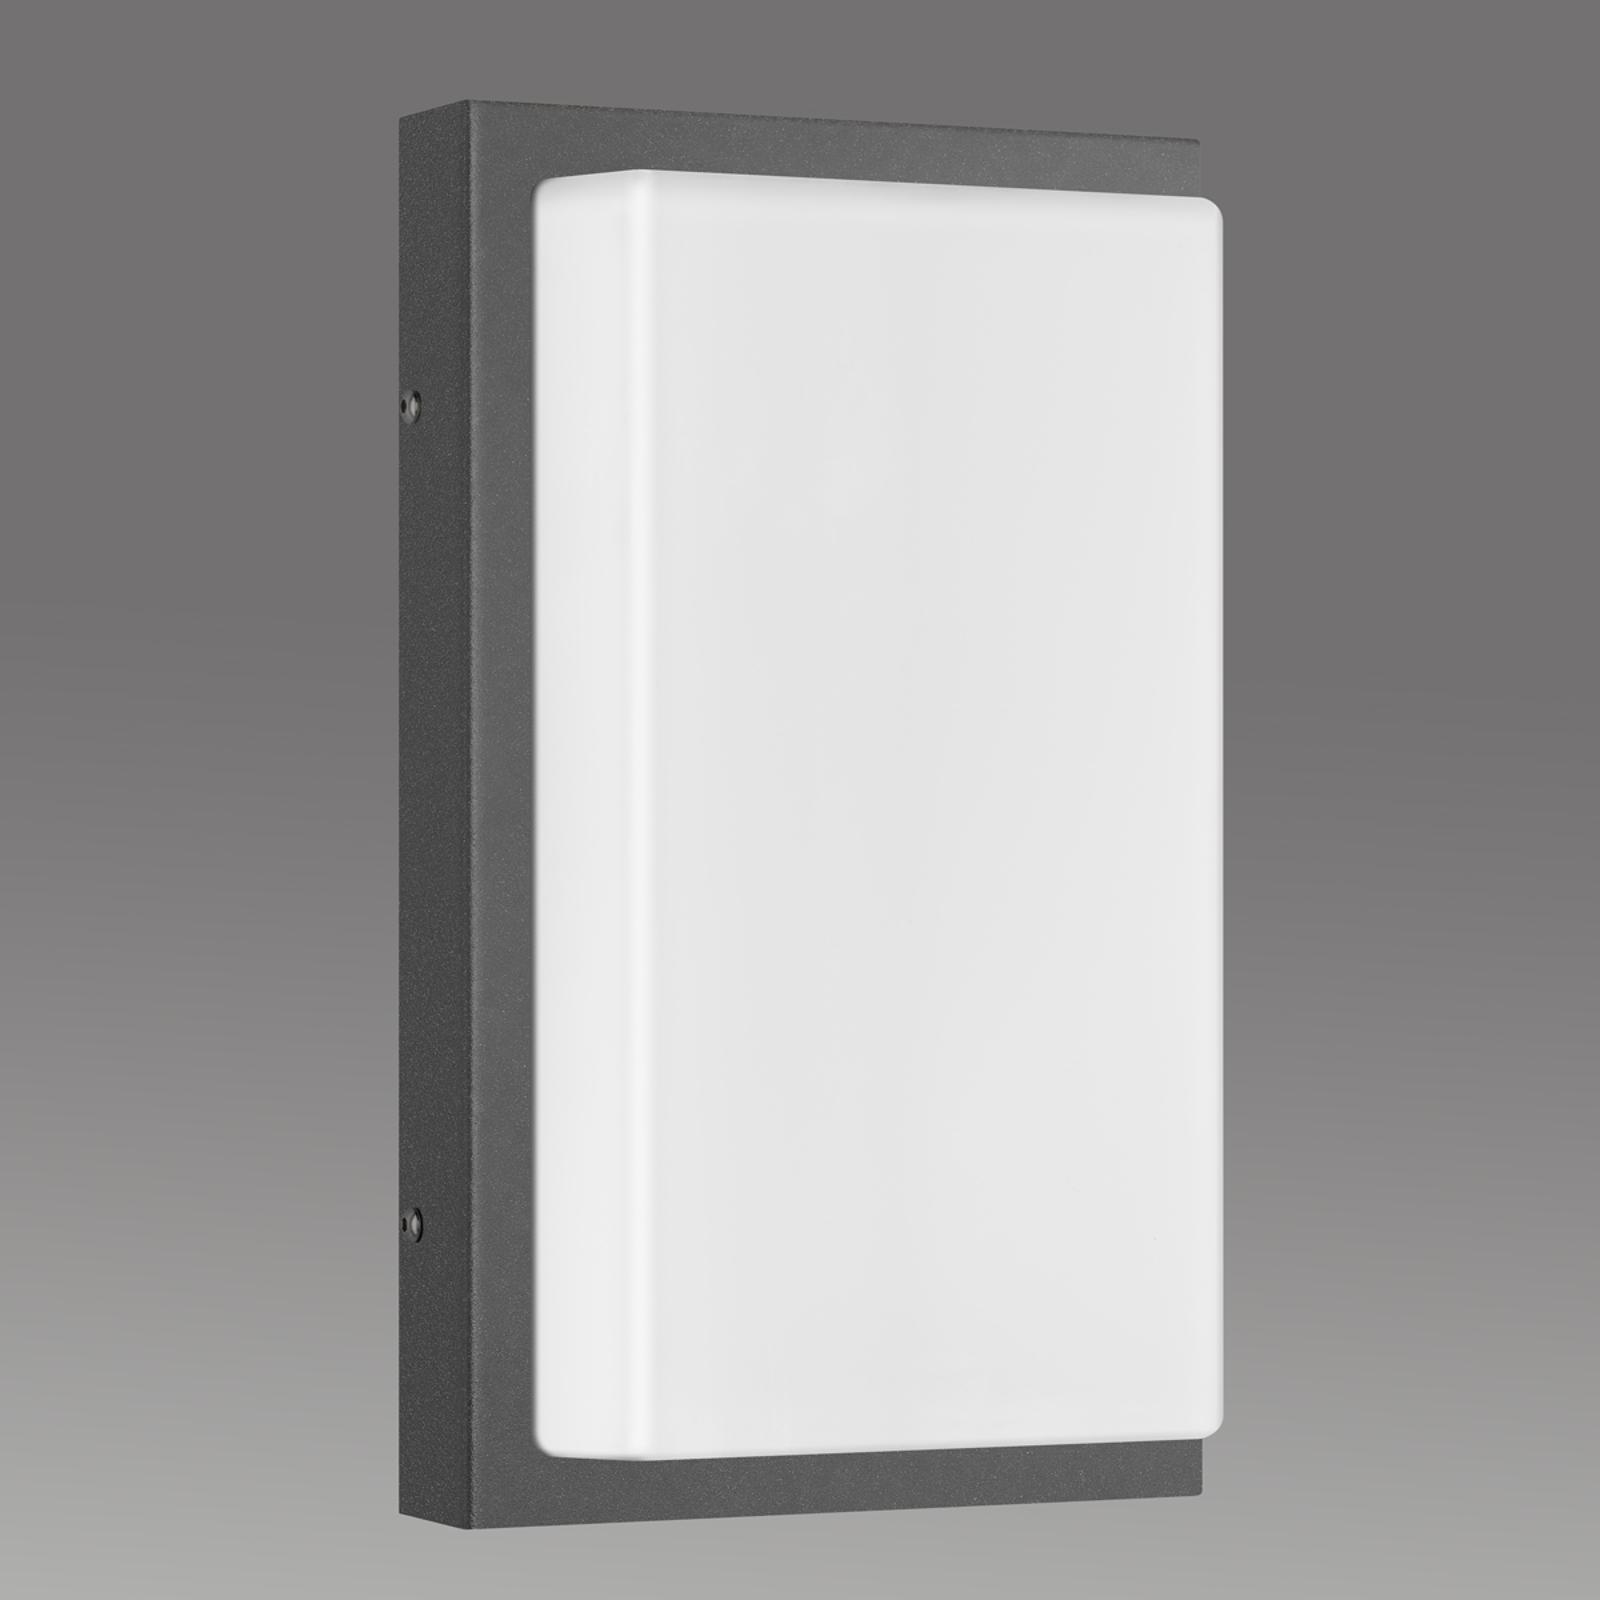 Außenwandlampe Babett E27 ohne Sensor graphit